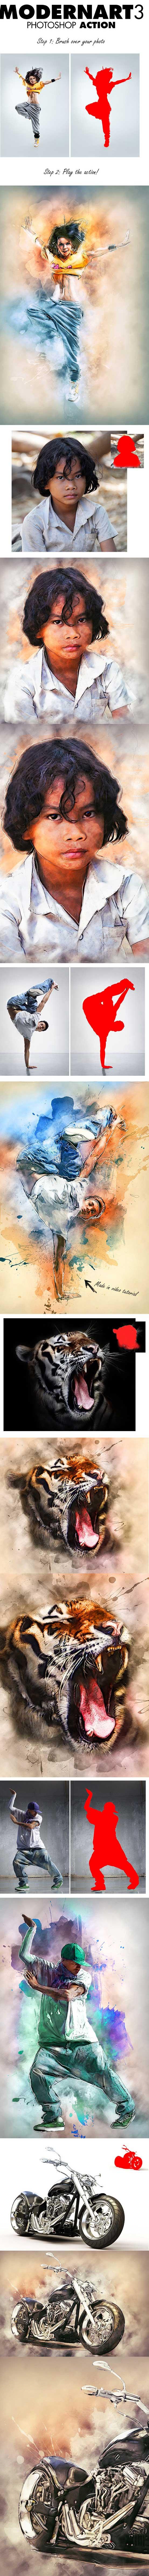 超酷的喷溅涂鸦背景特效PS动作